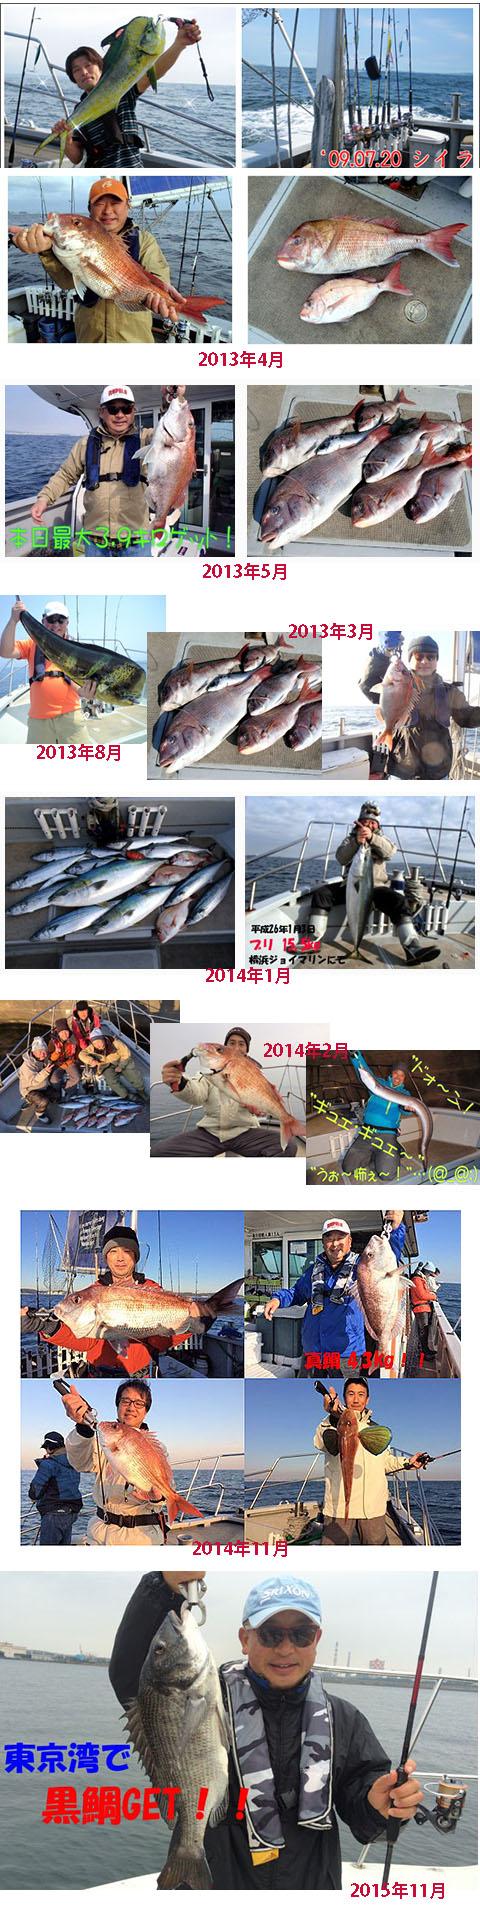 つり坊主の釣具で大物を釣ろう!